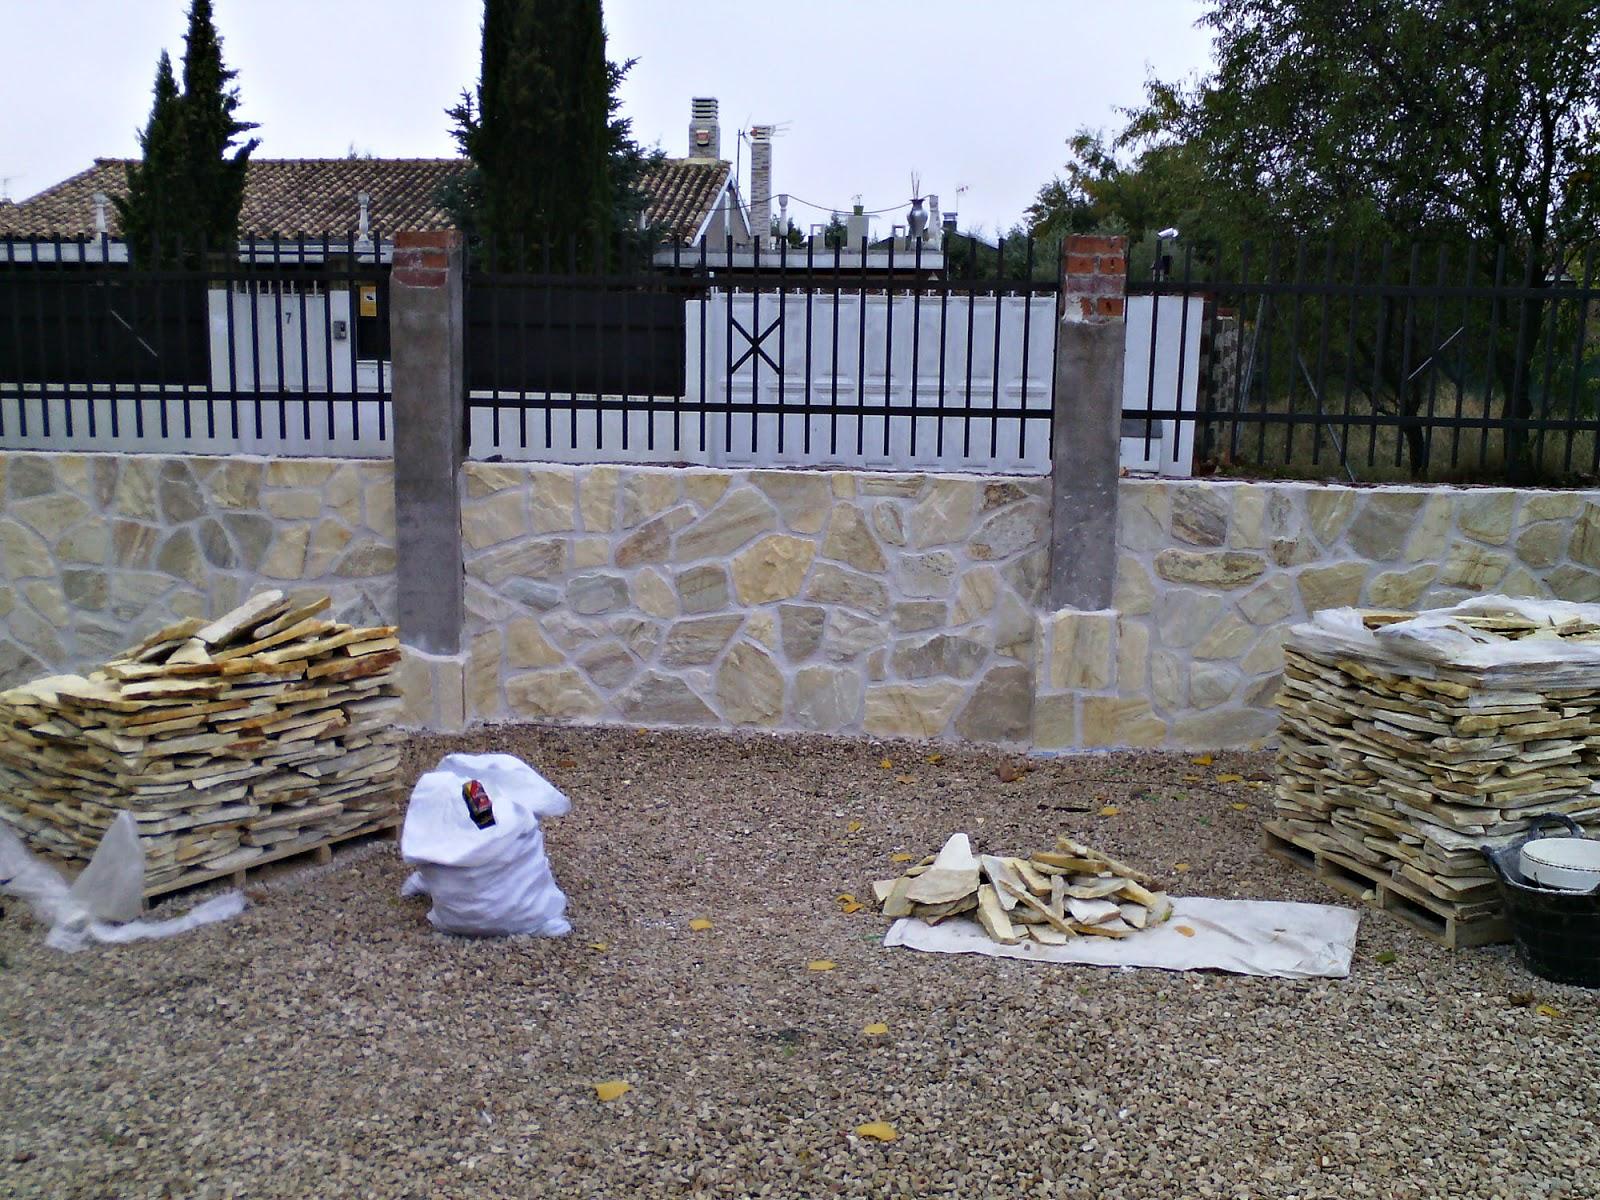 Vallas de bloques de hormigon good bloques de hormign colocacin de los bloques aabh with vallas - Vallas de piedra ...